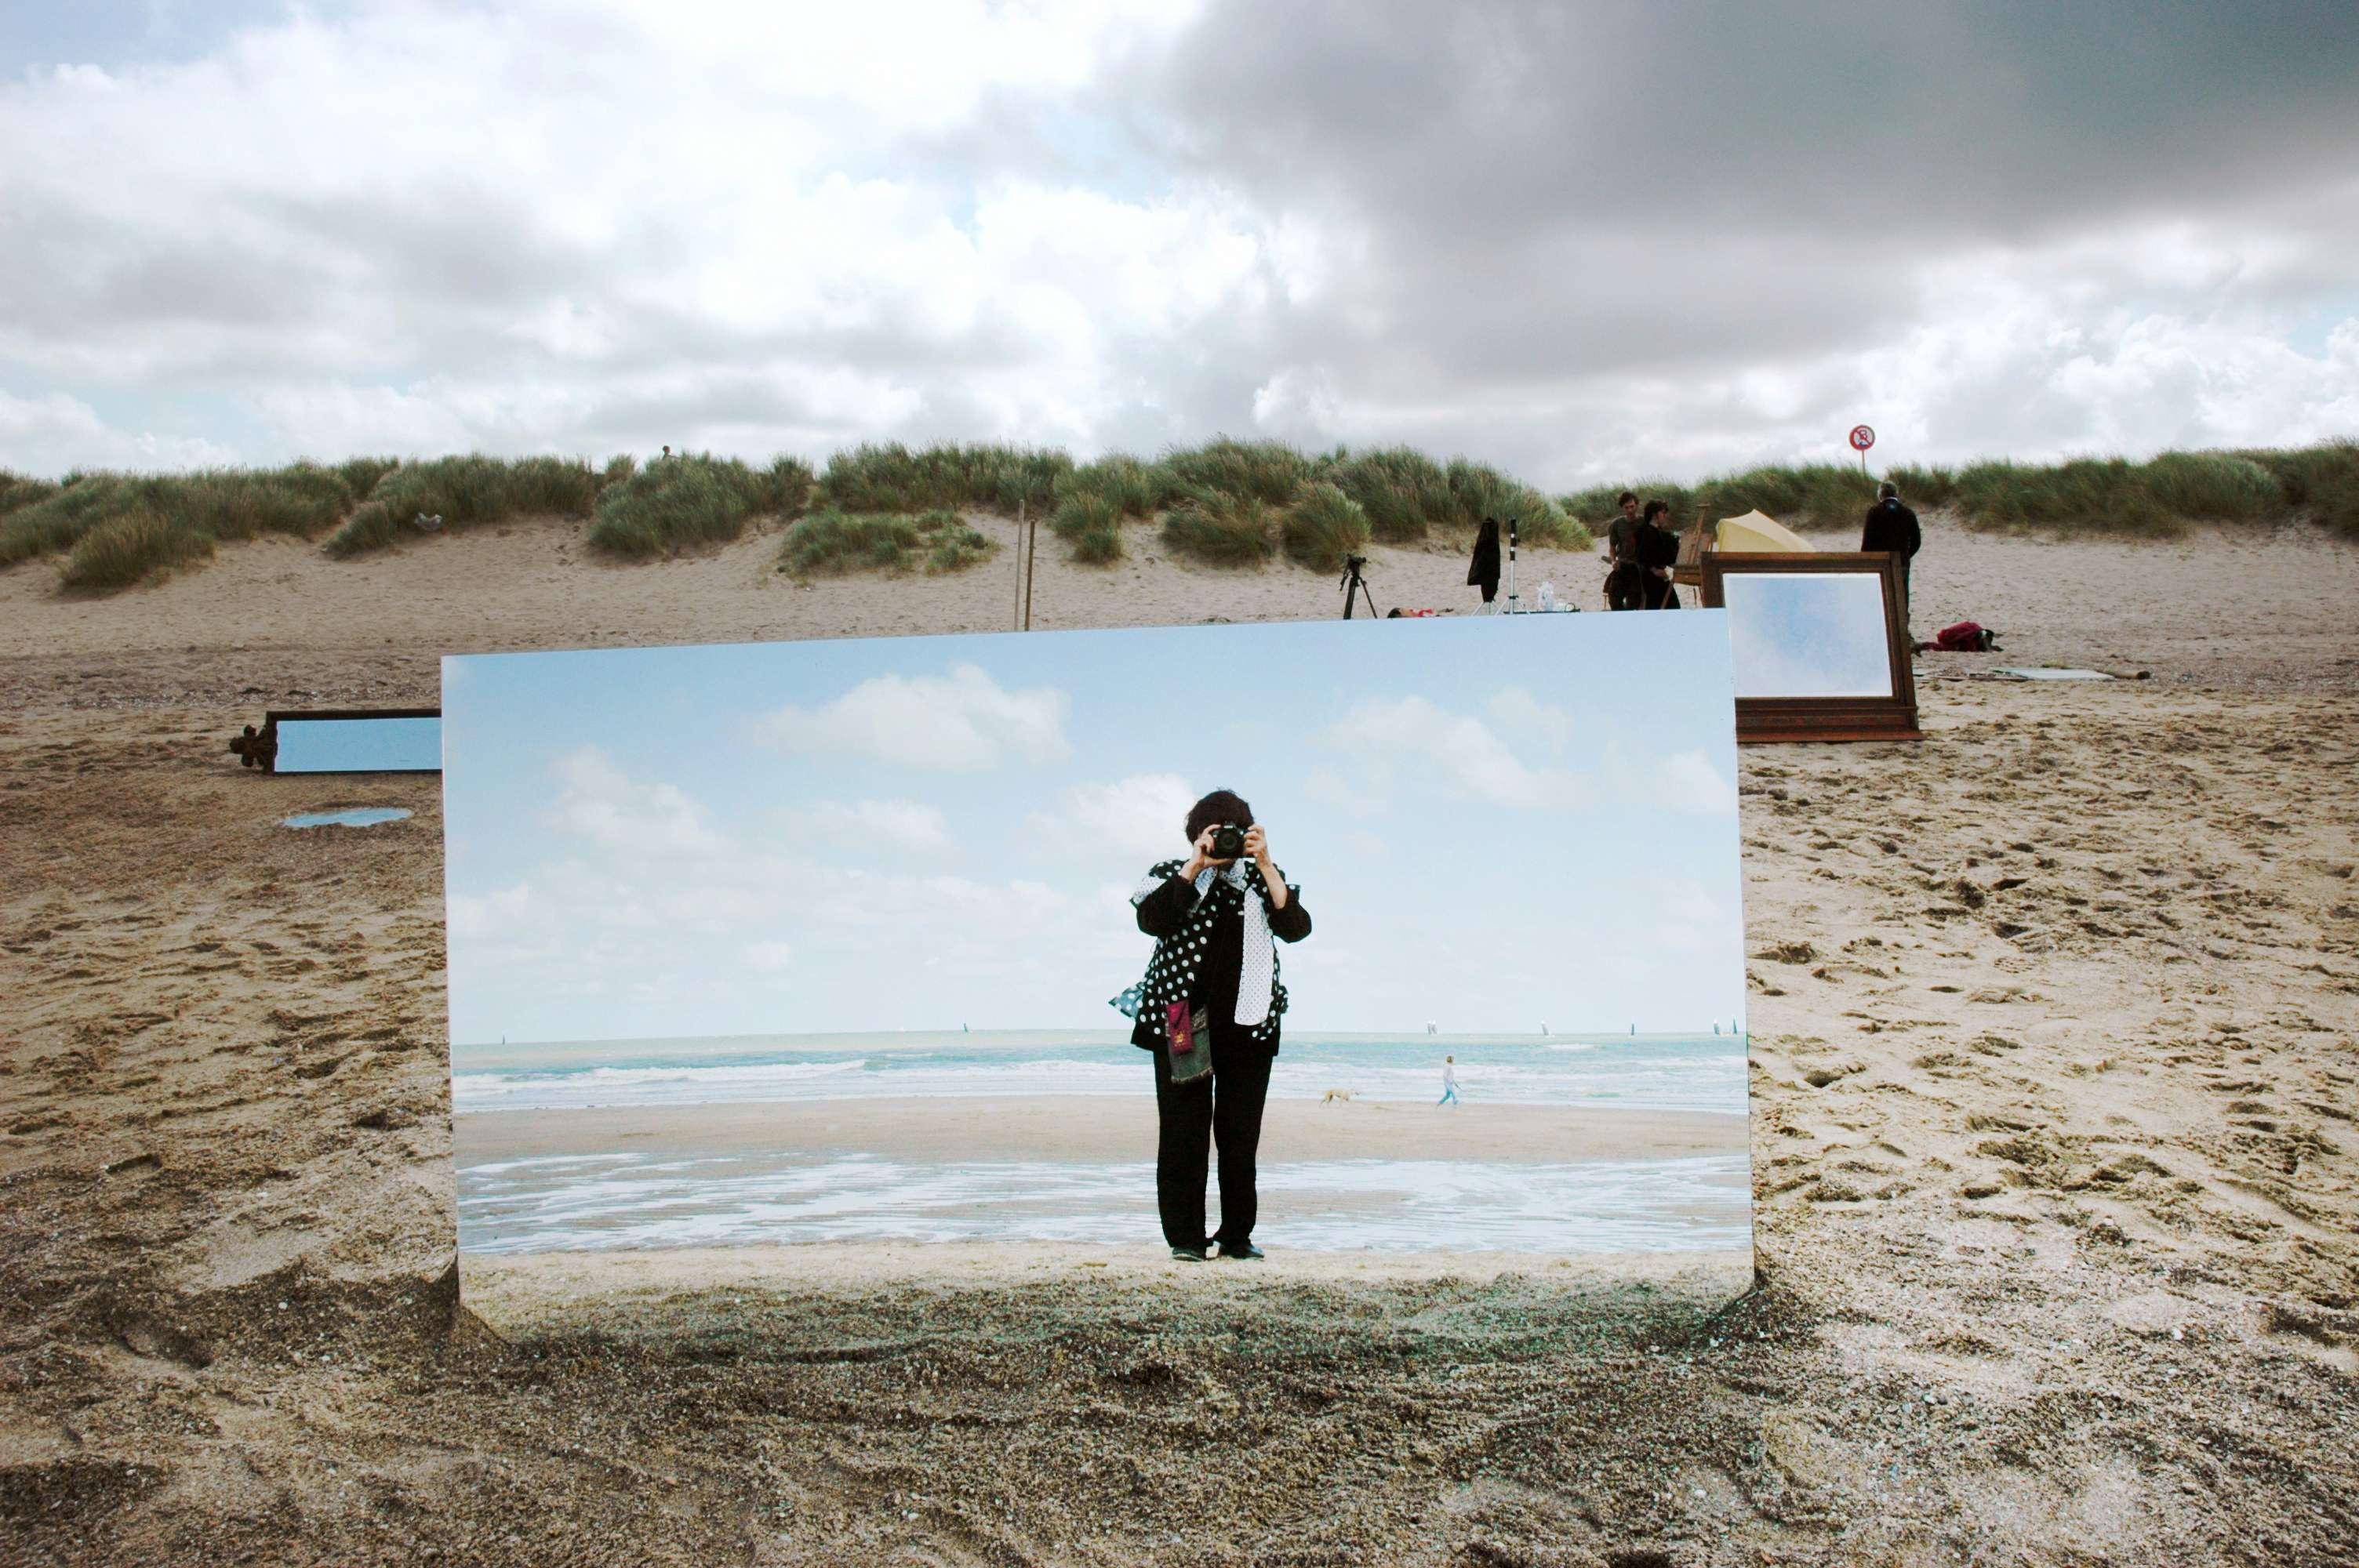 les-plages-d-agnes_agnes-varda